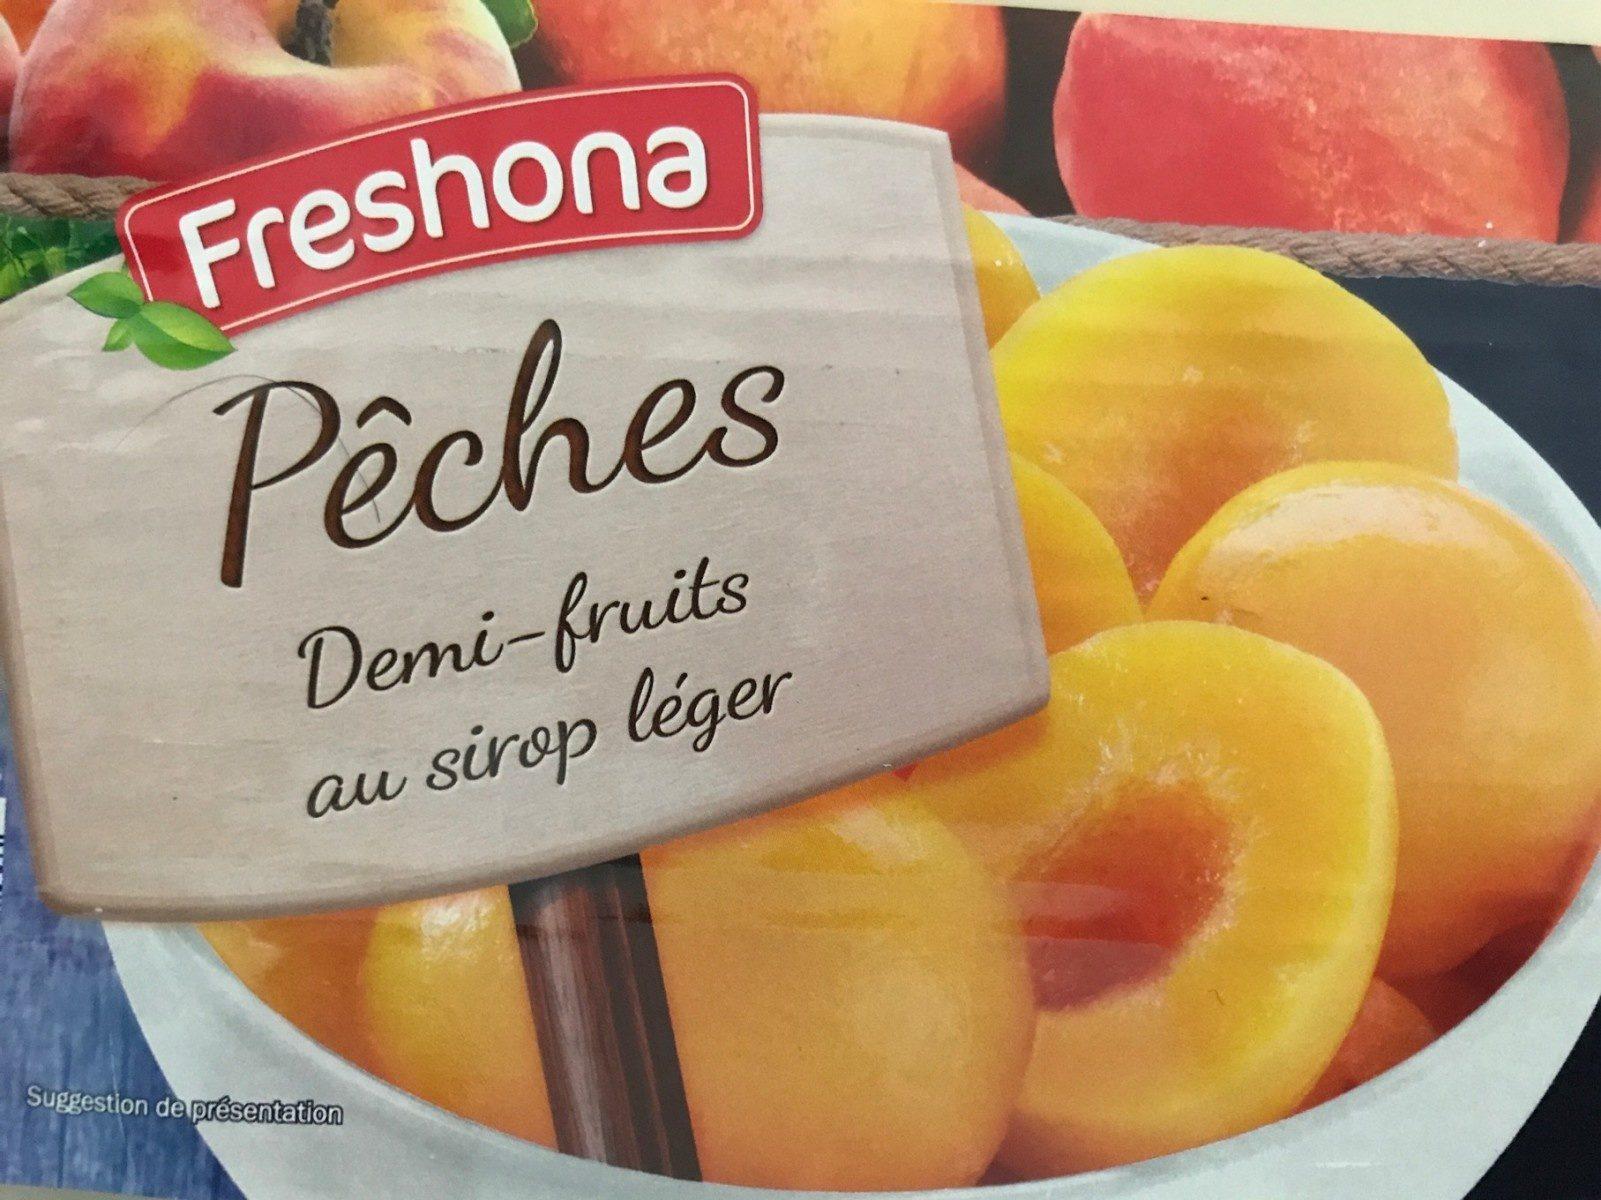 Pêches demi fruits au sirop léger - Produit - fr